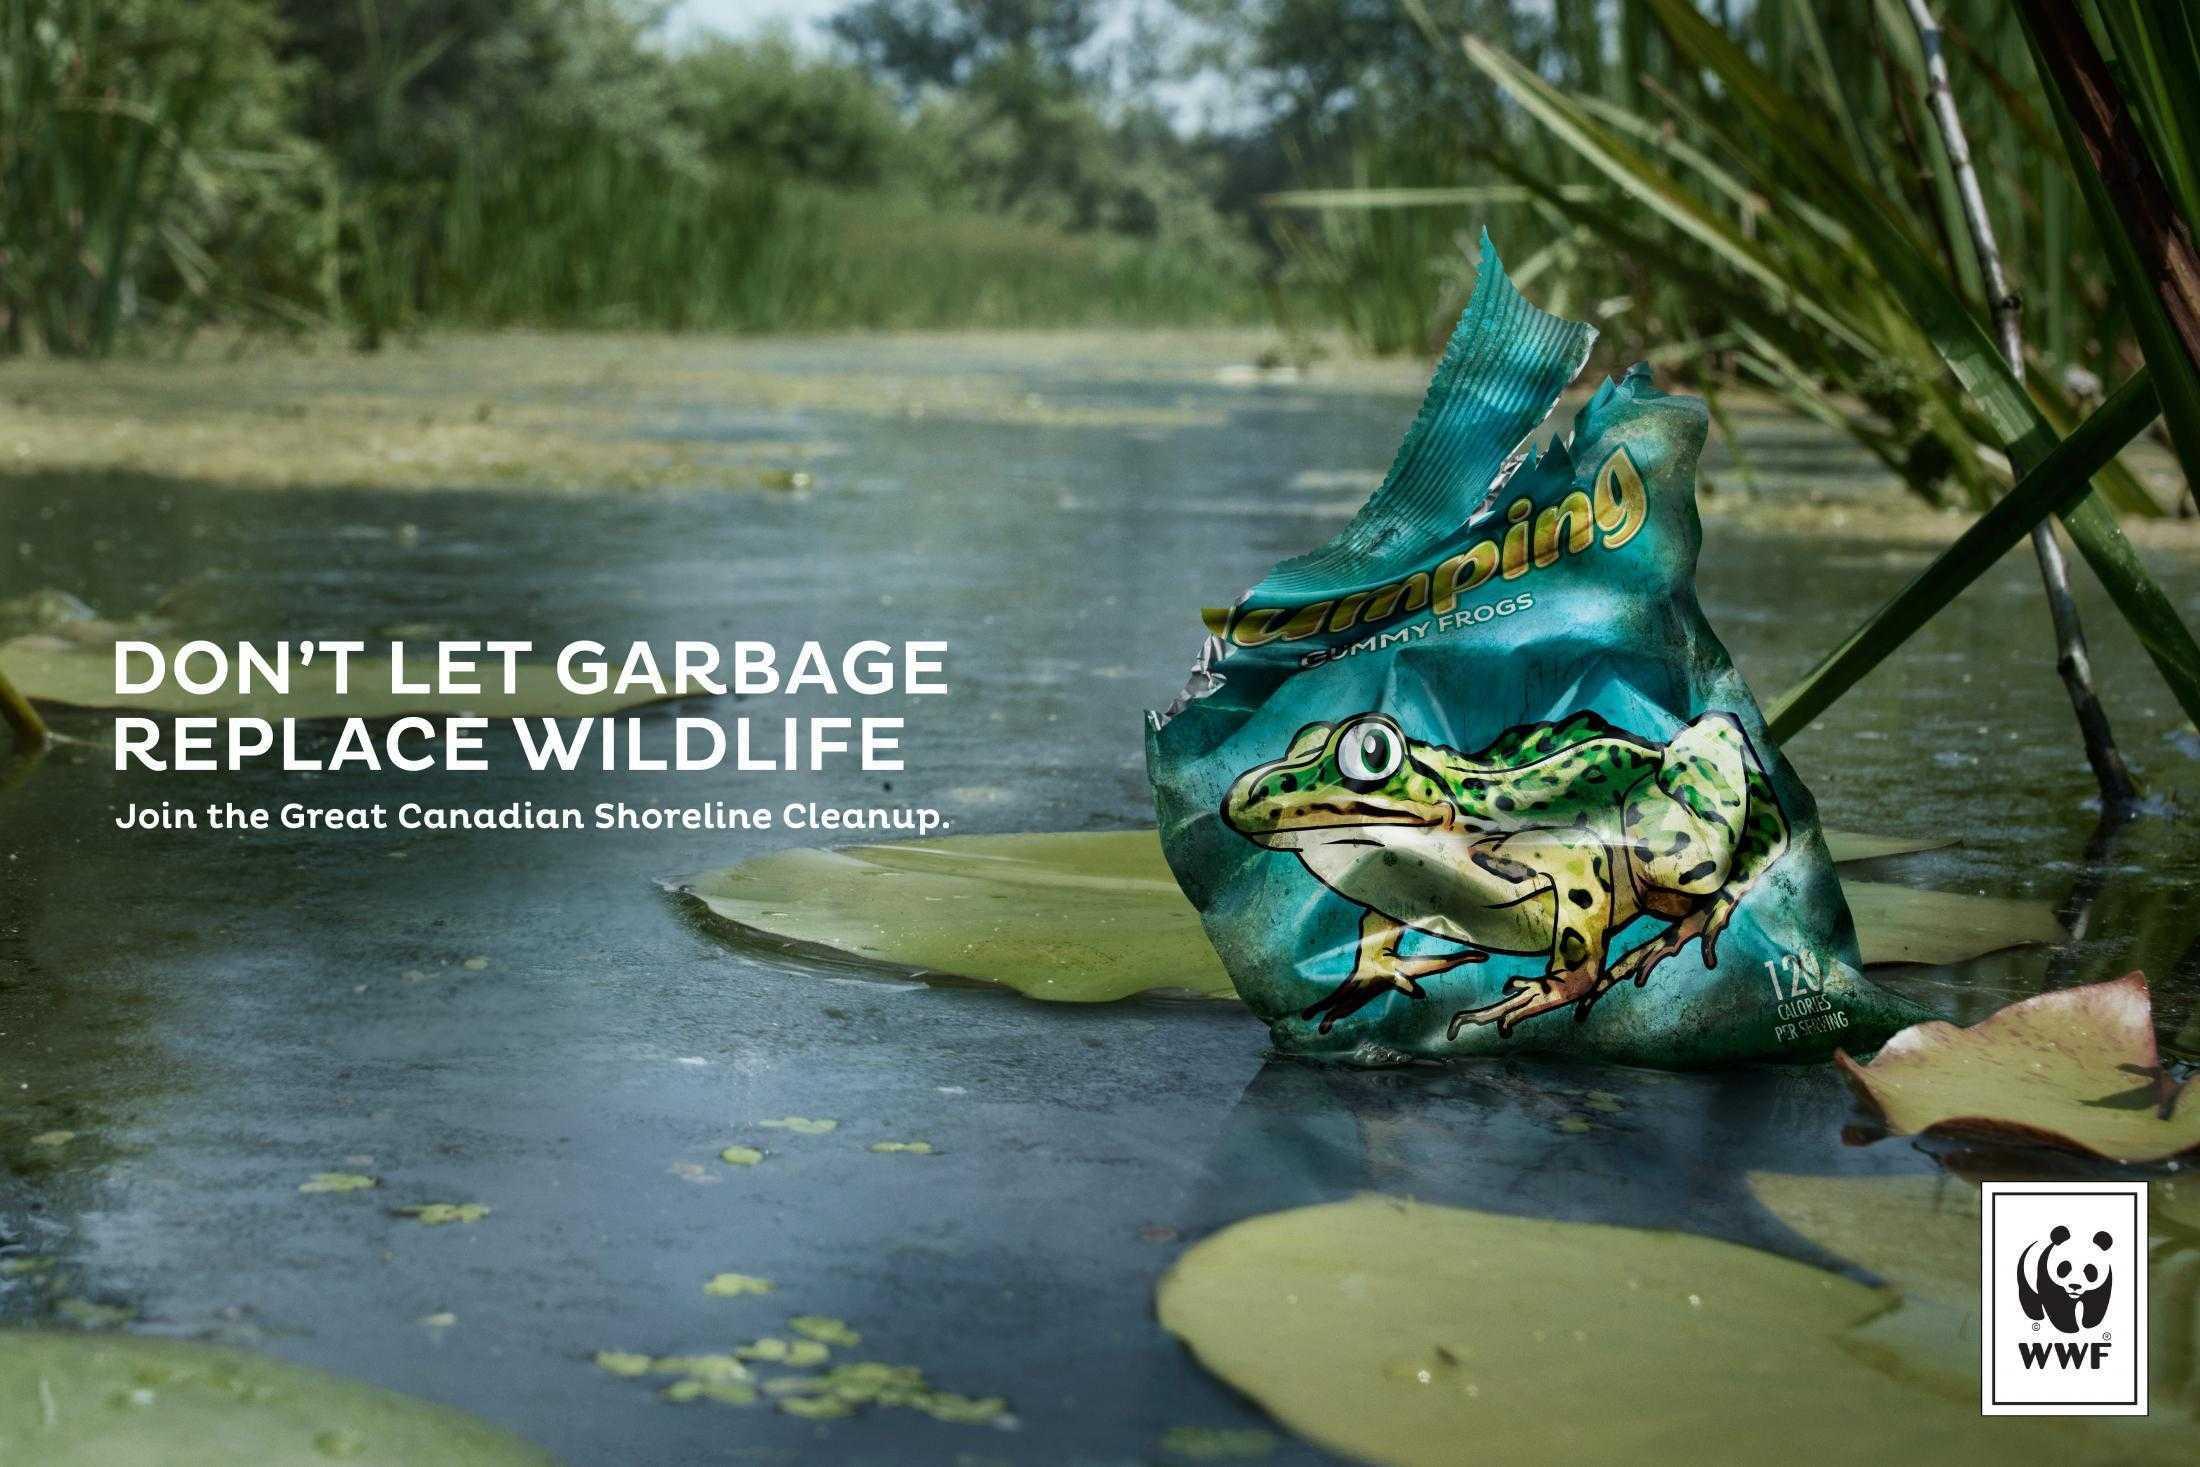 WWF, Volkswagen e Sparkasse: i migliori annunci stampa della settimana